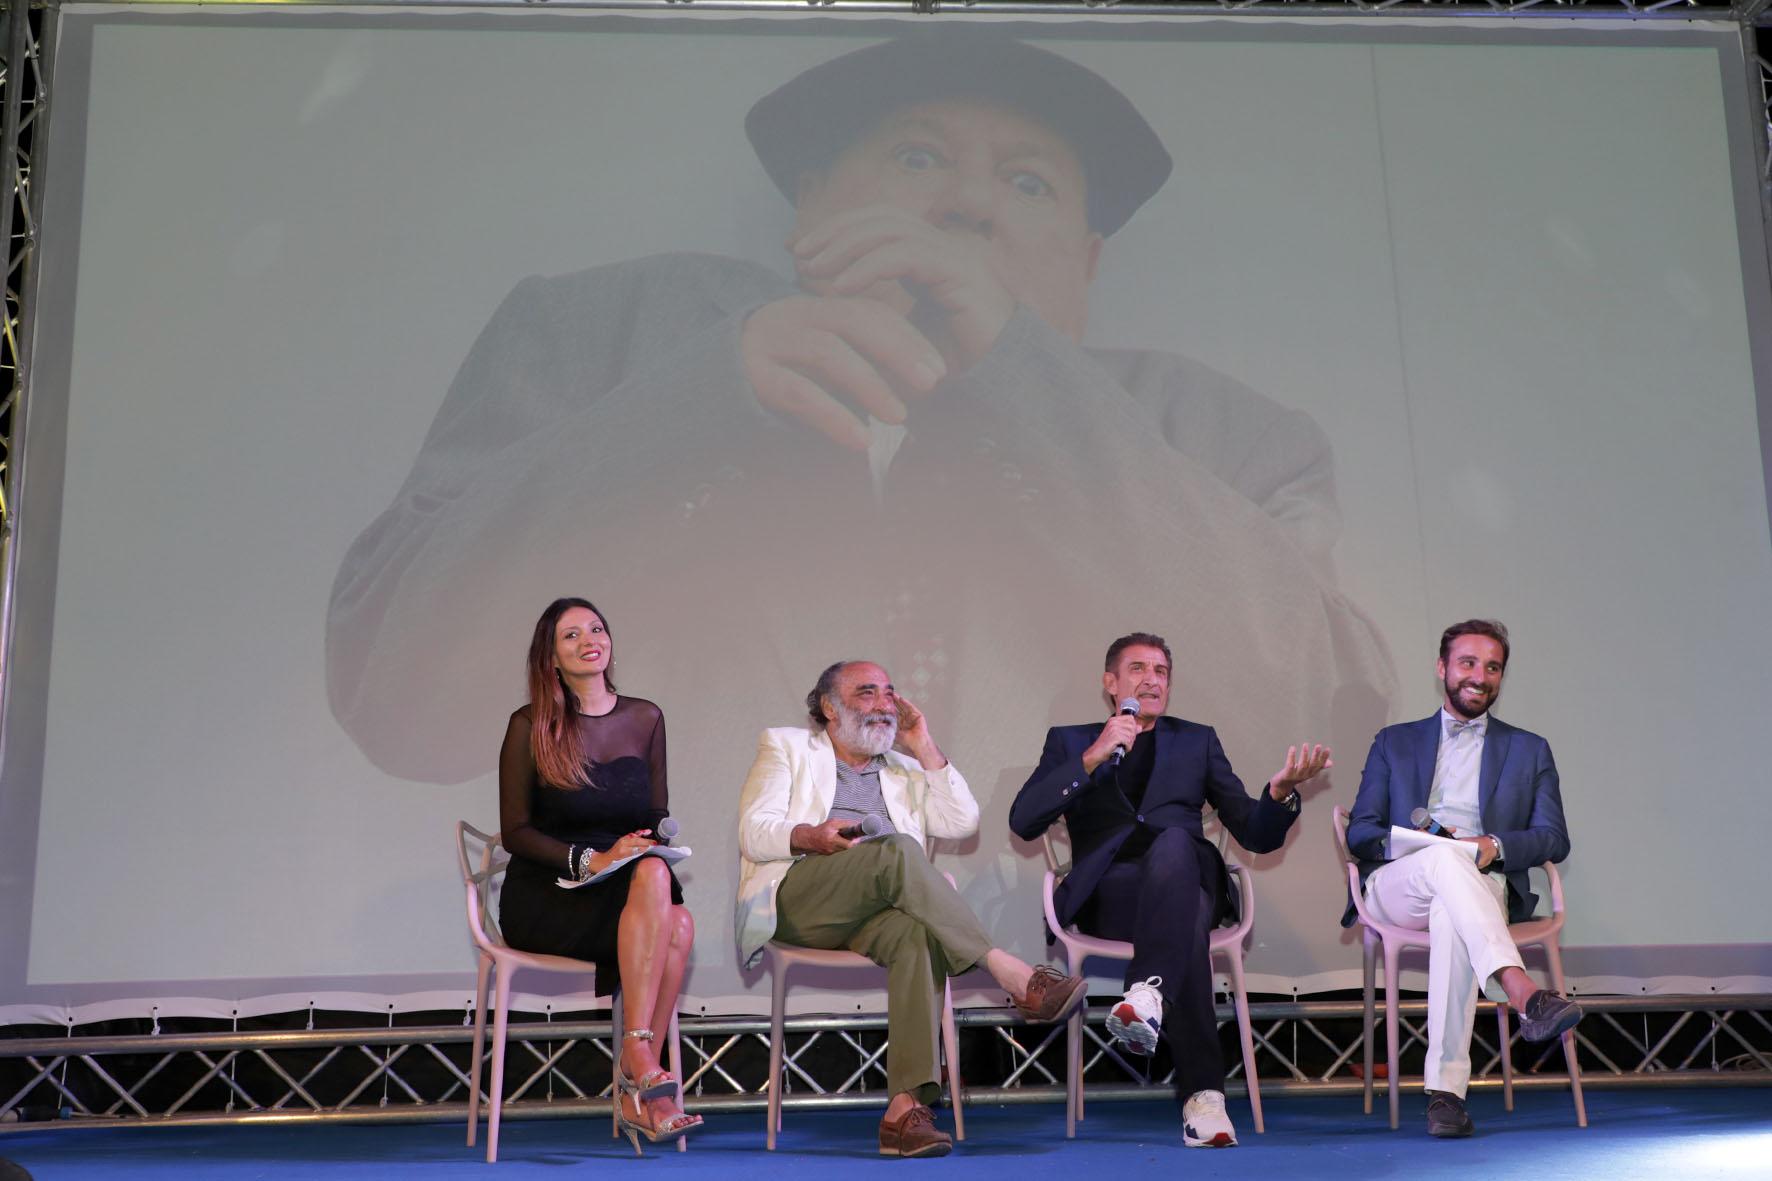 La Malfa, Haber, Greggio e Cavaleri durante il ricordo di Paolo Villaggio.